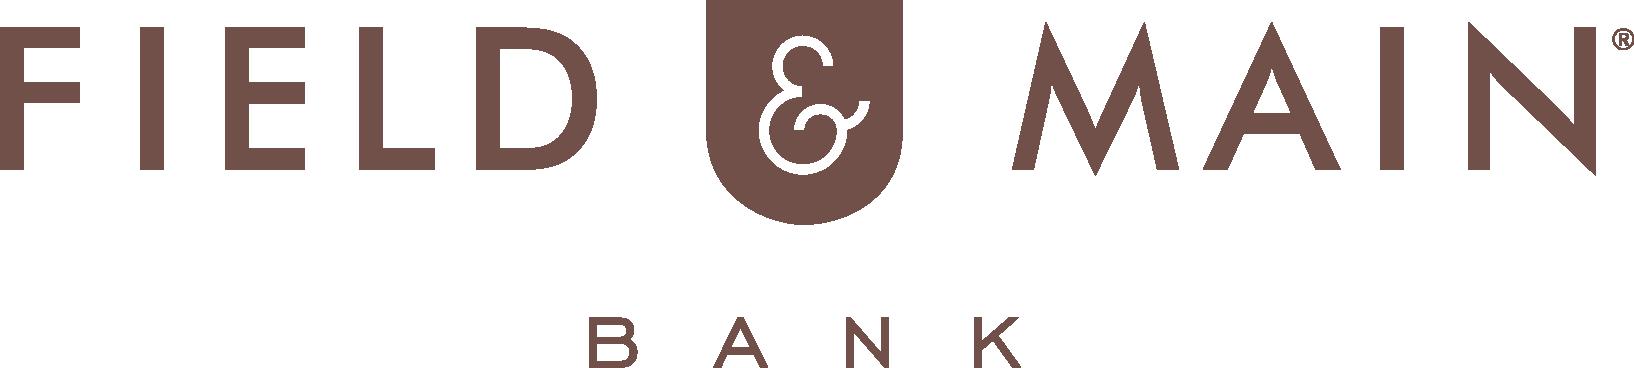 Field & Main Bank